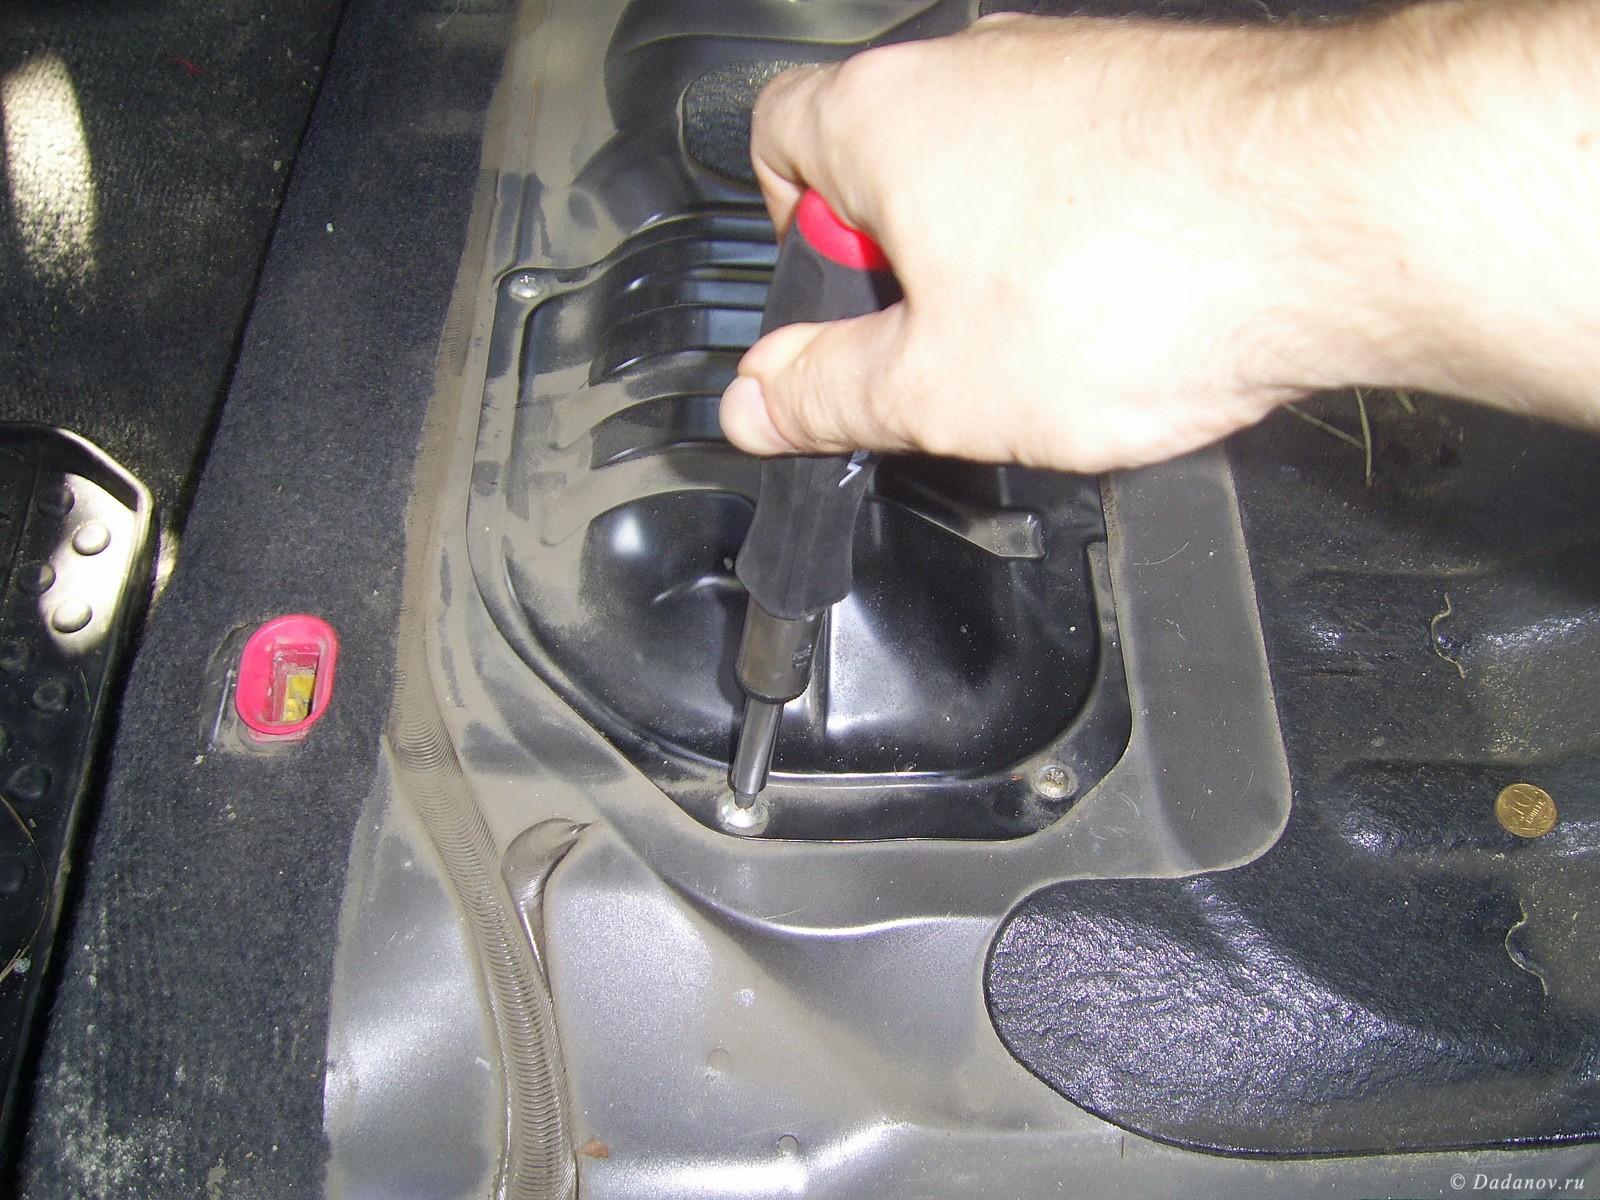 Замена топливного фильтра Mitsubishi Outlander